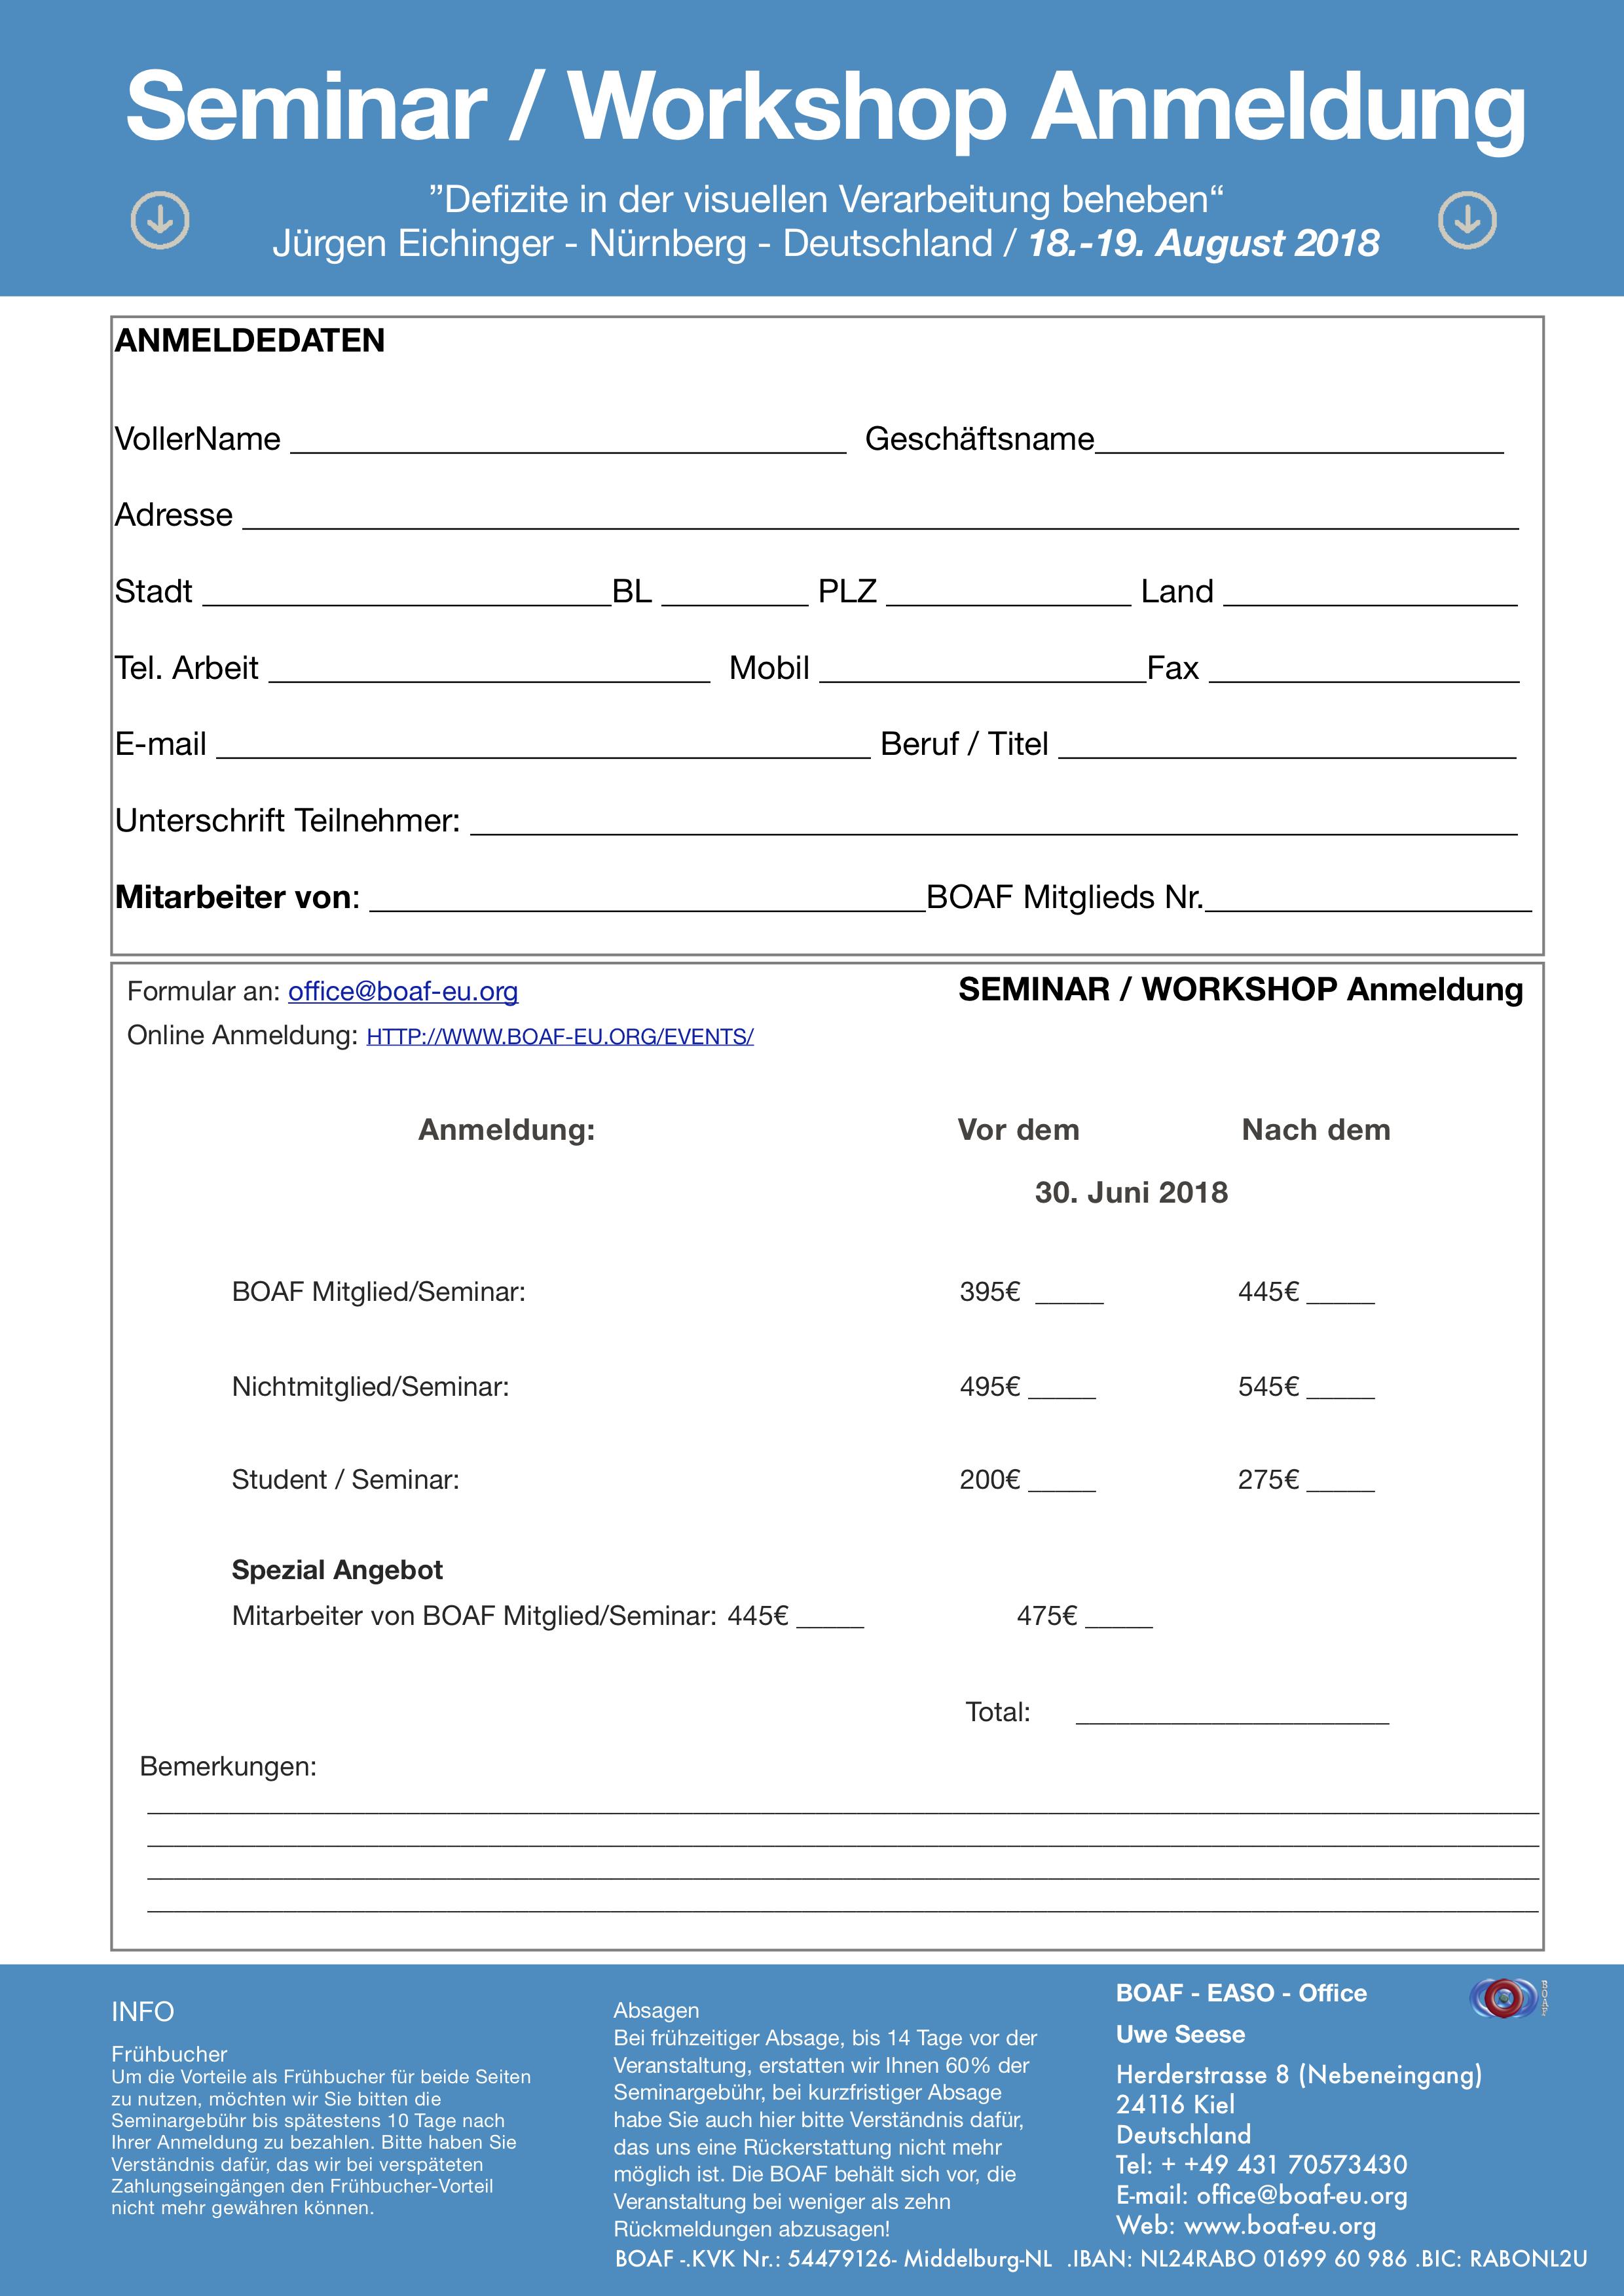 Registration Download  Link --->